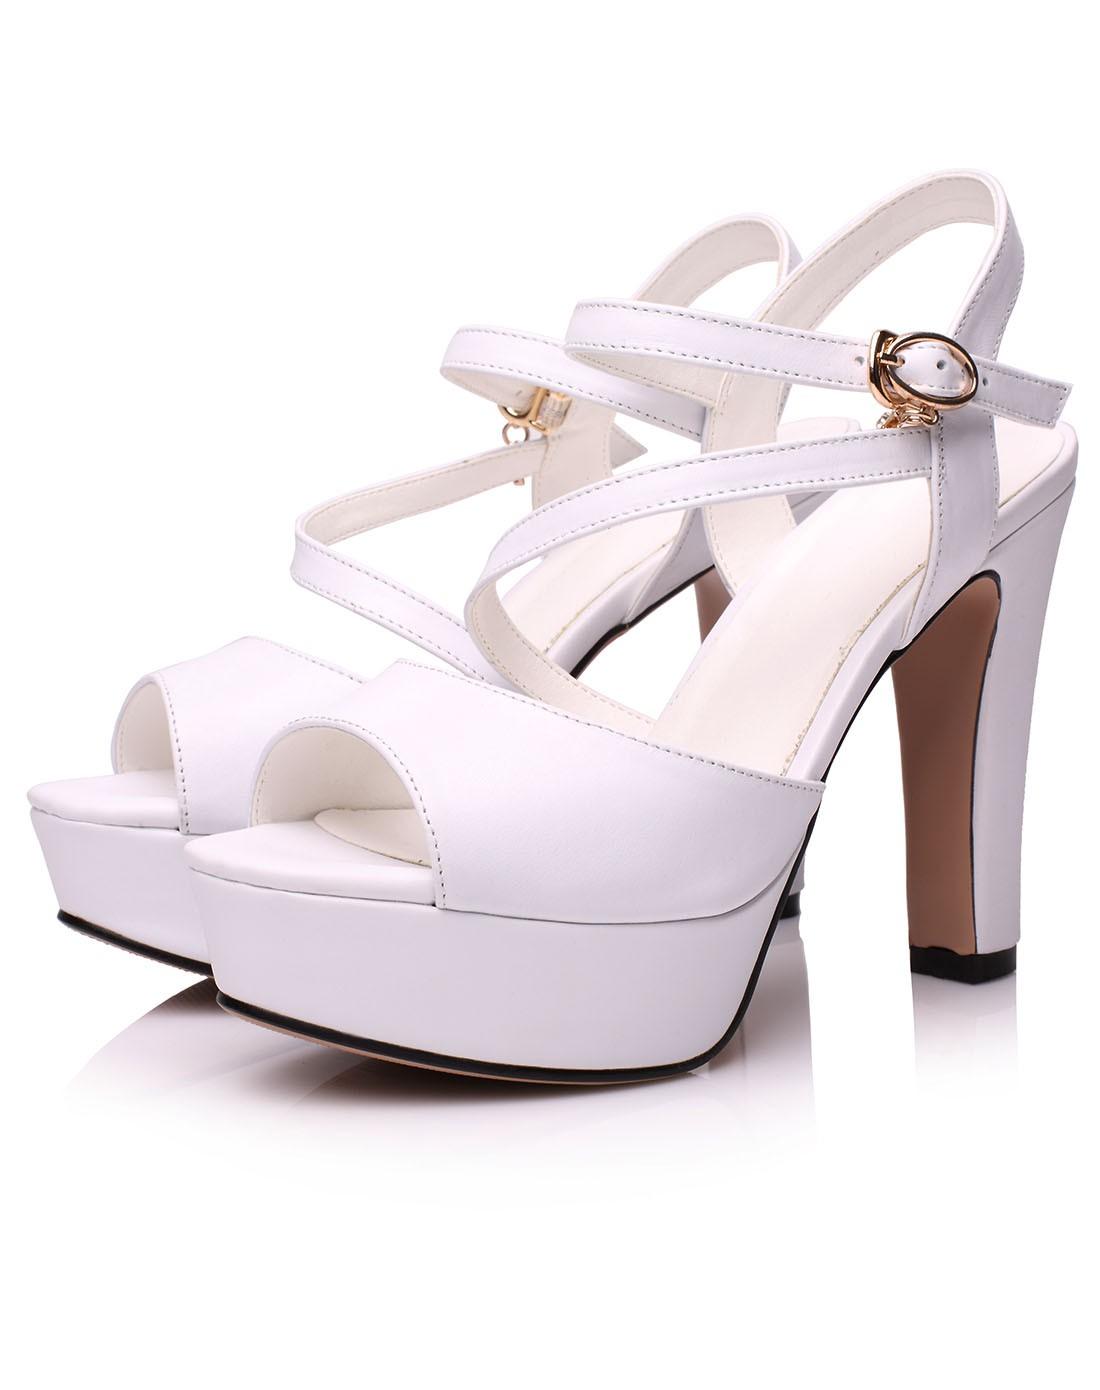 14年新款女白色高跟真皮时尚凉鞋